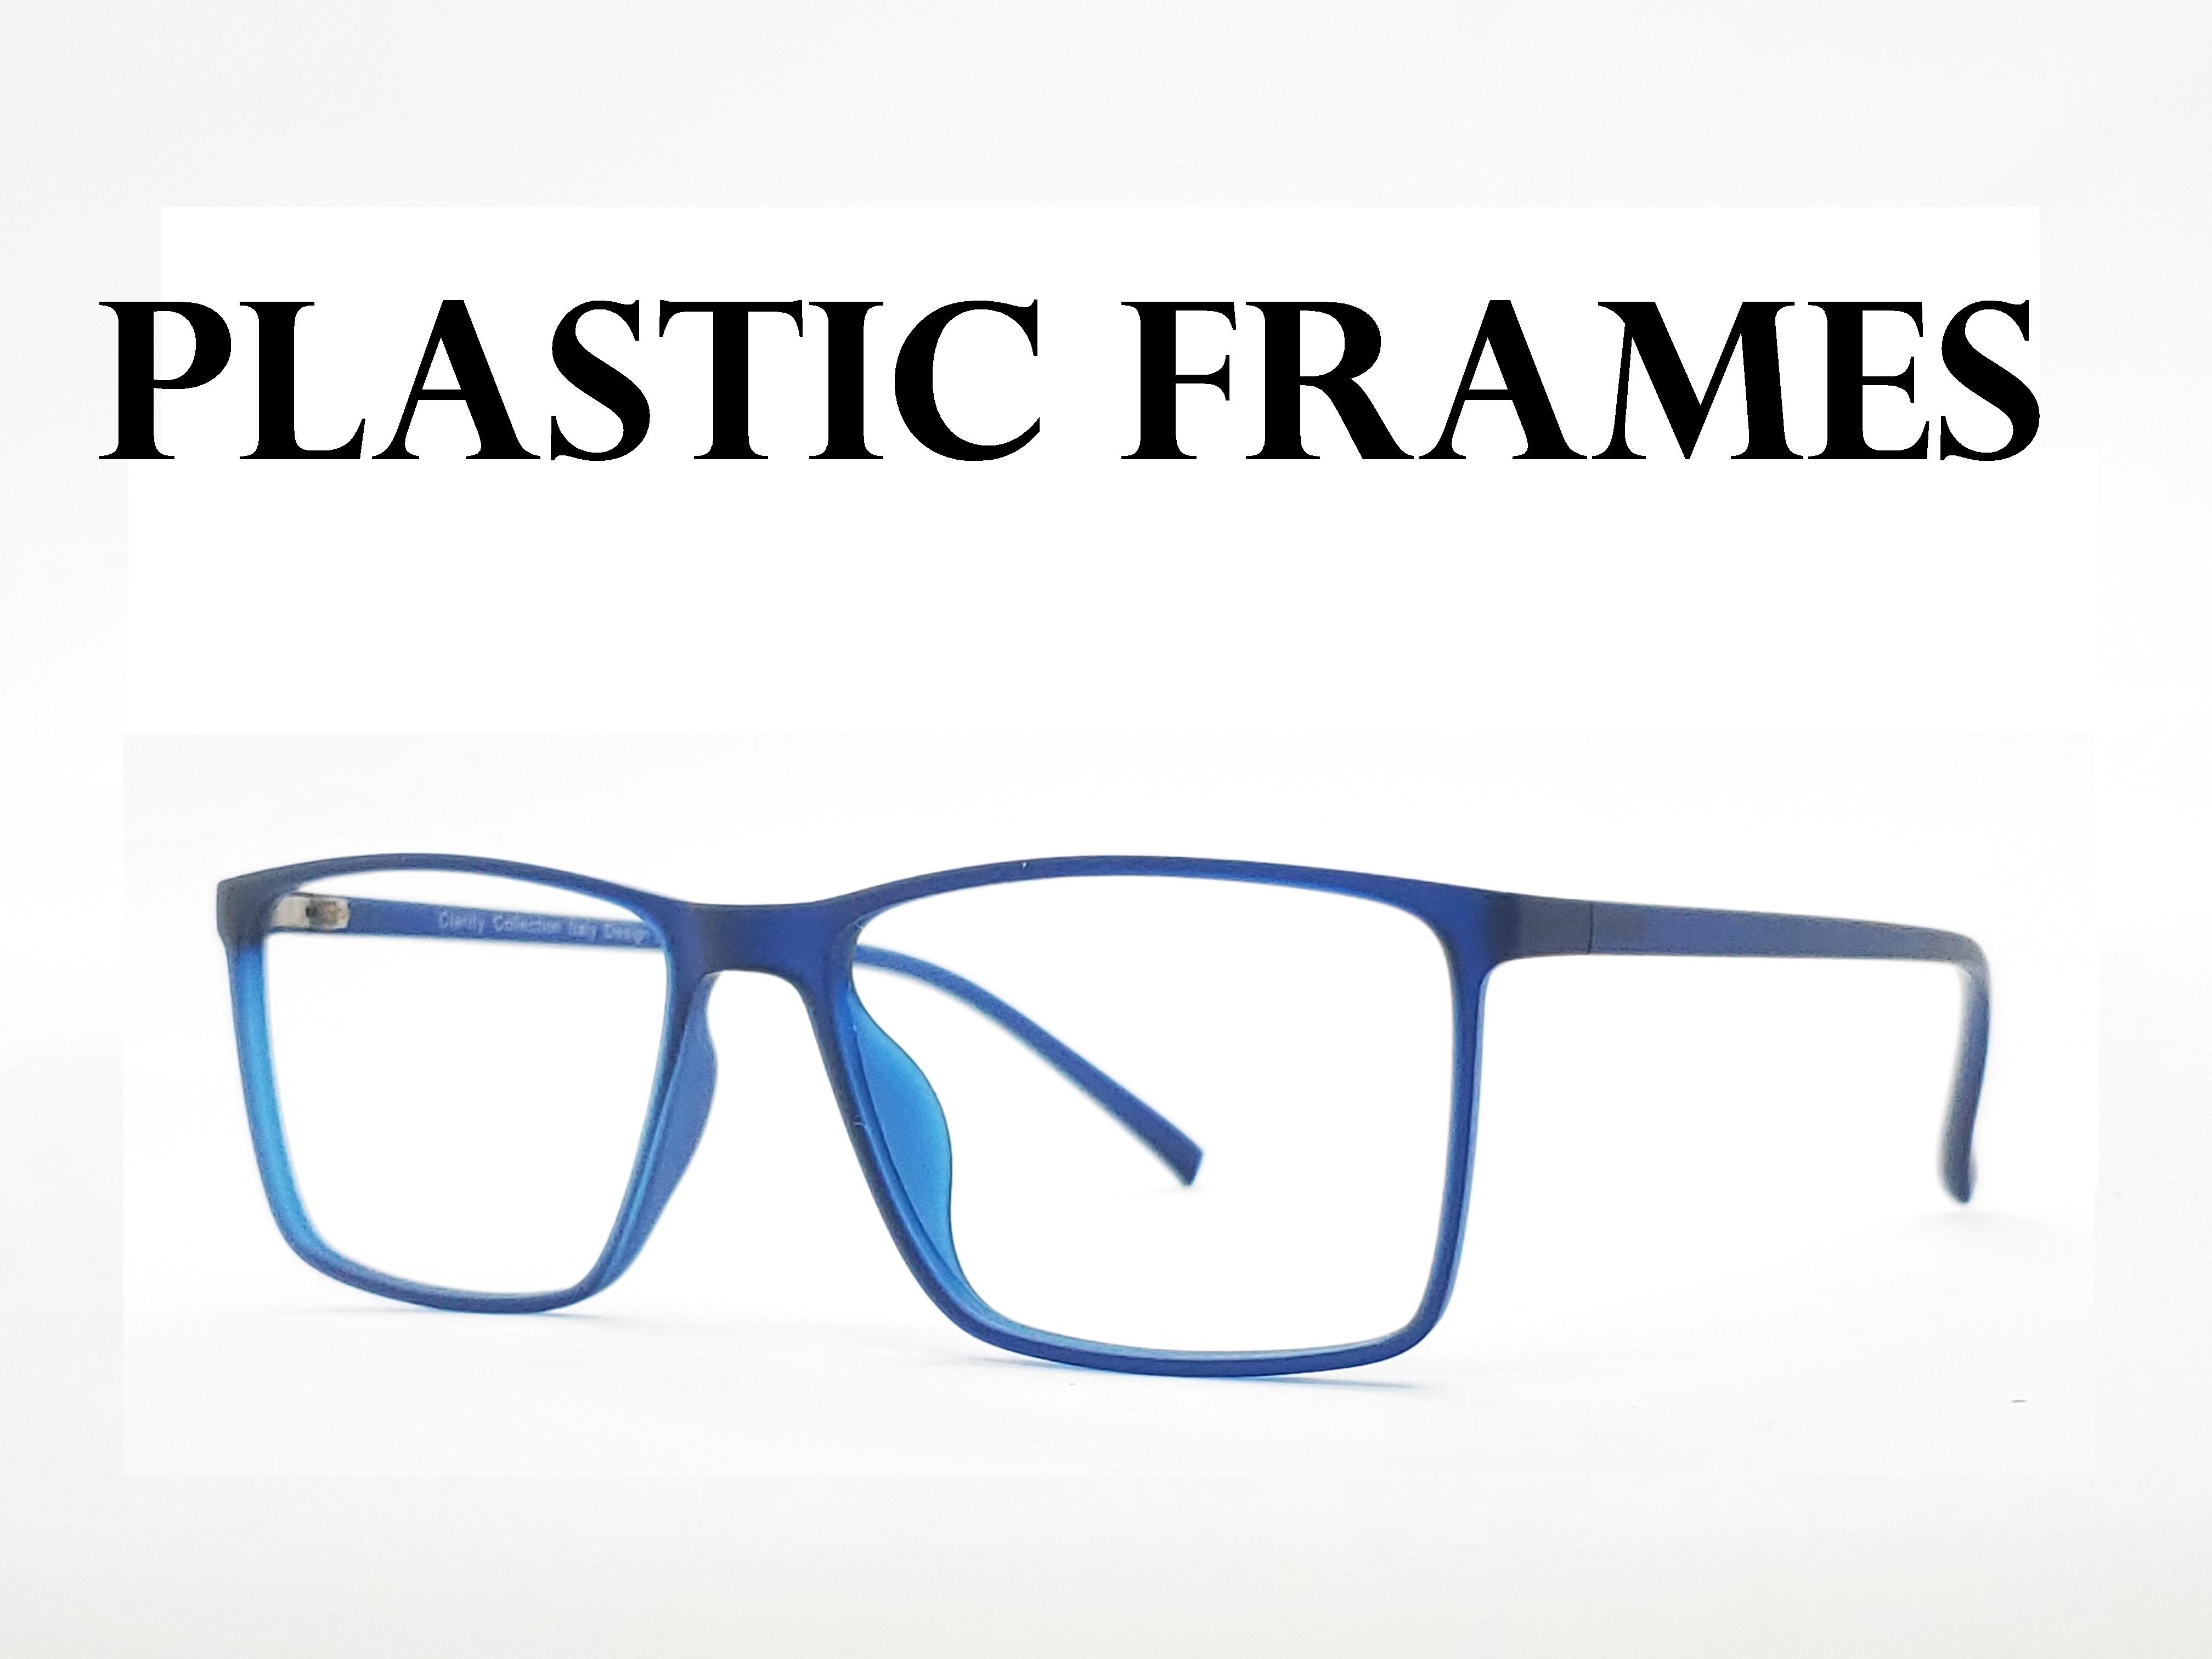 Dr. Lens Change PLASTIC FRAMES PIC